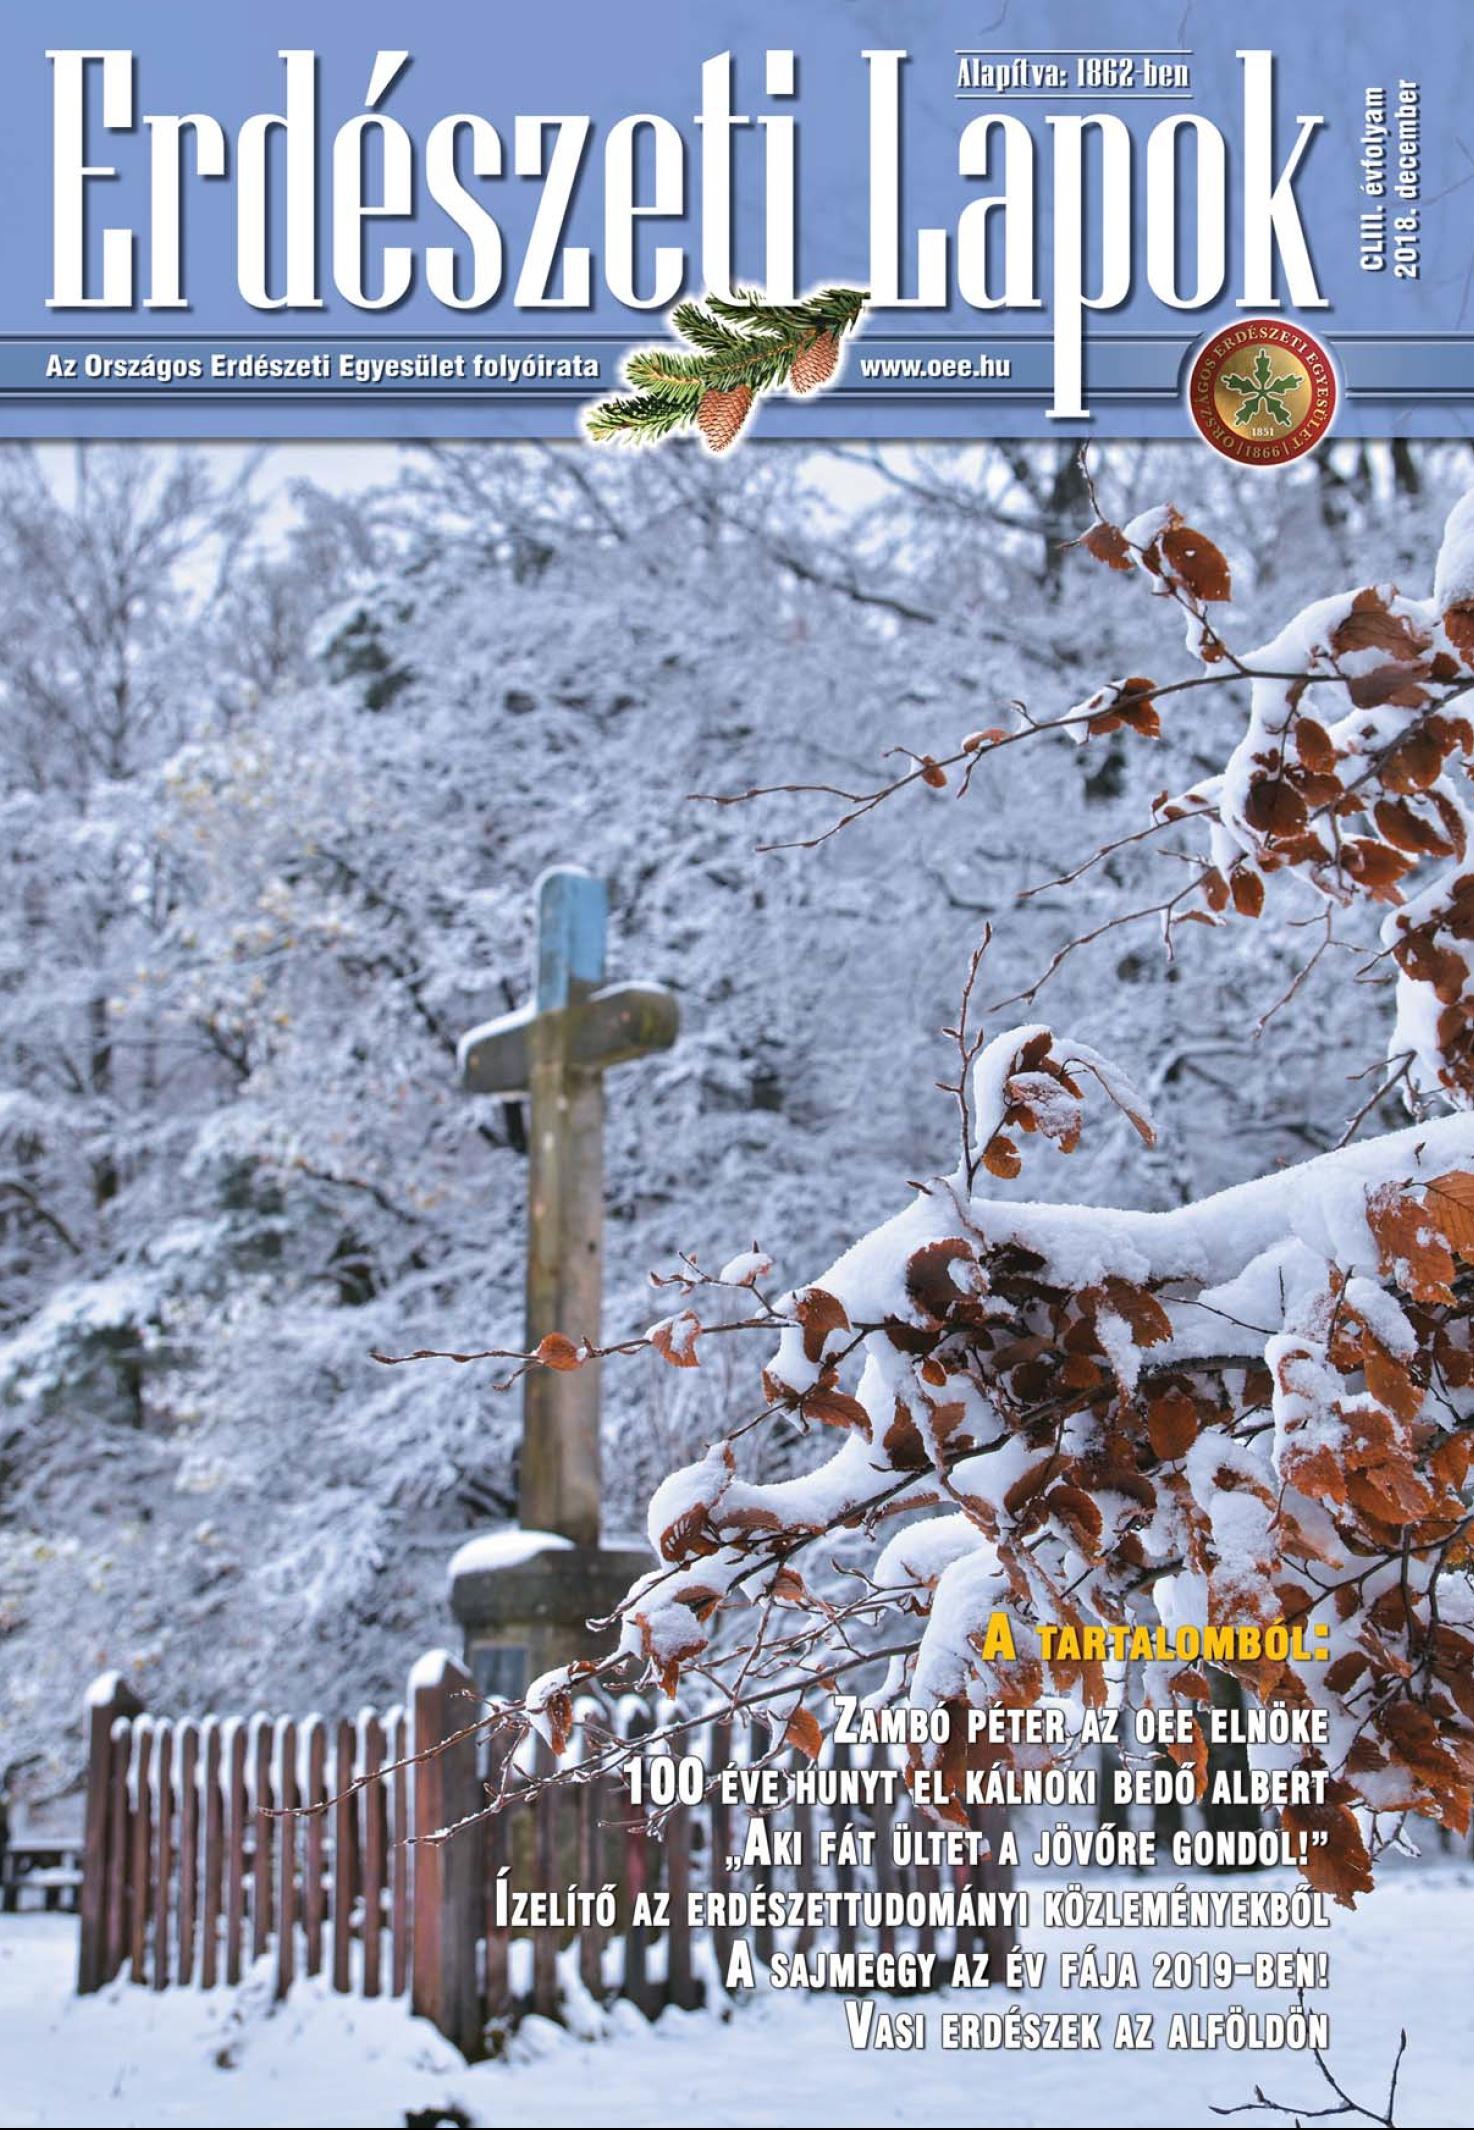 Erdészeti Lapok - 153. évfolyam - 2018. december